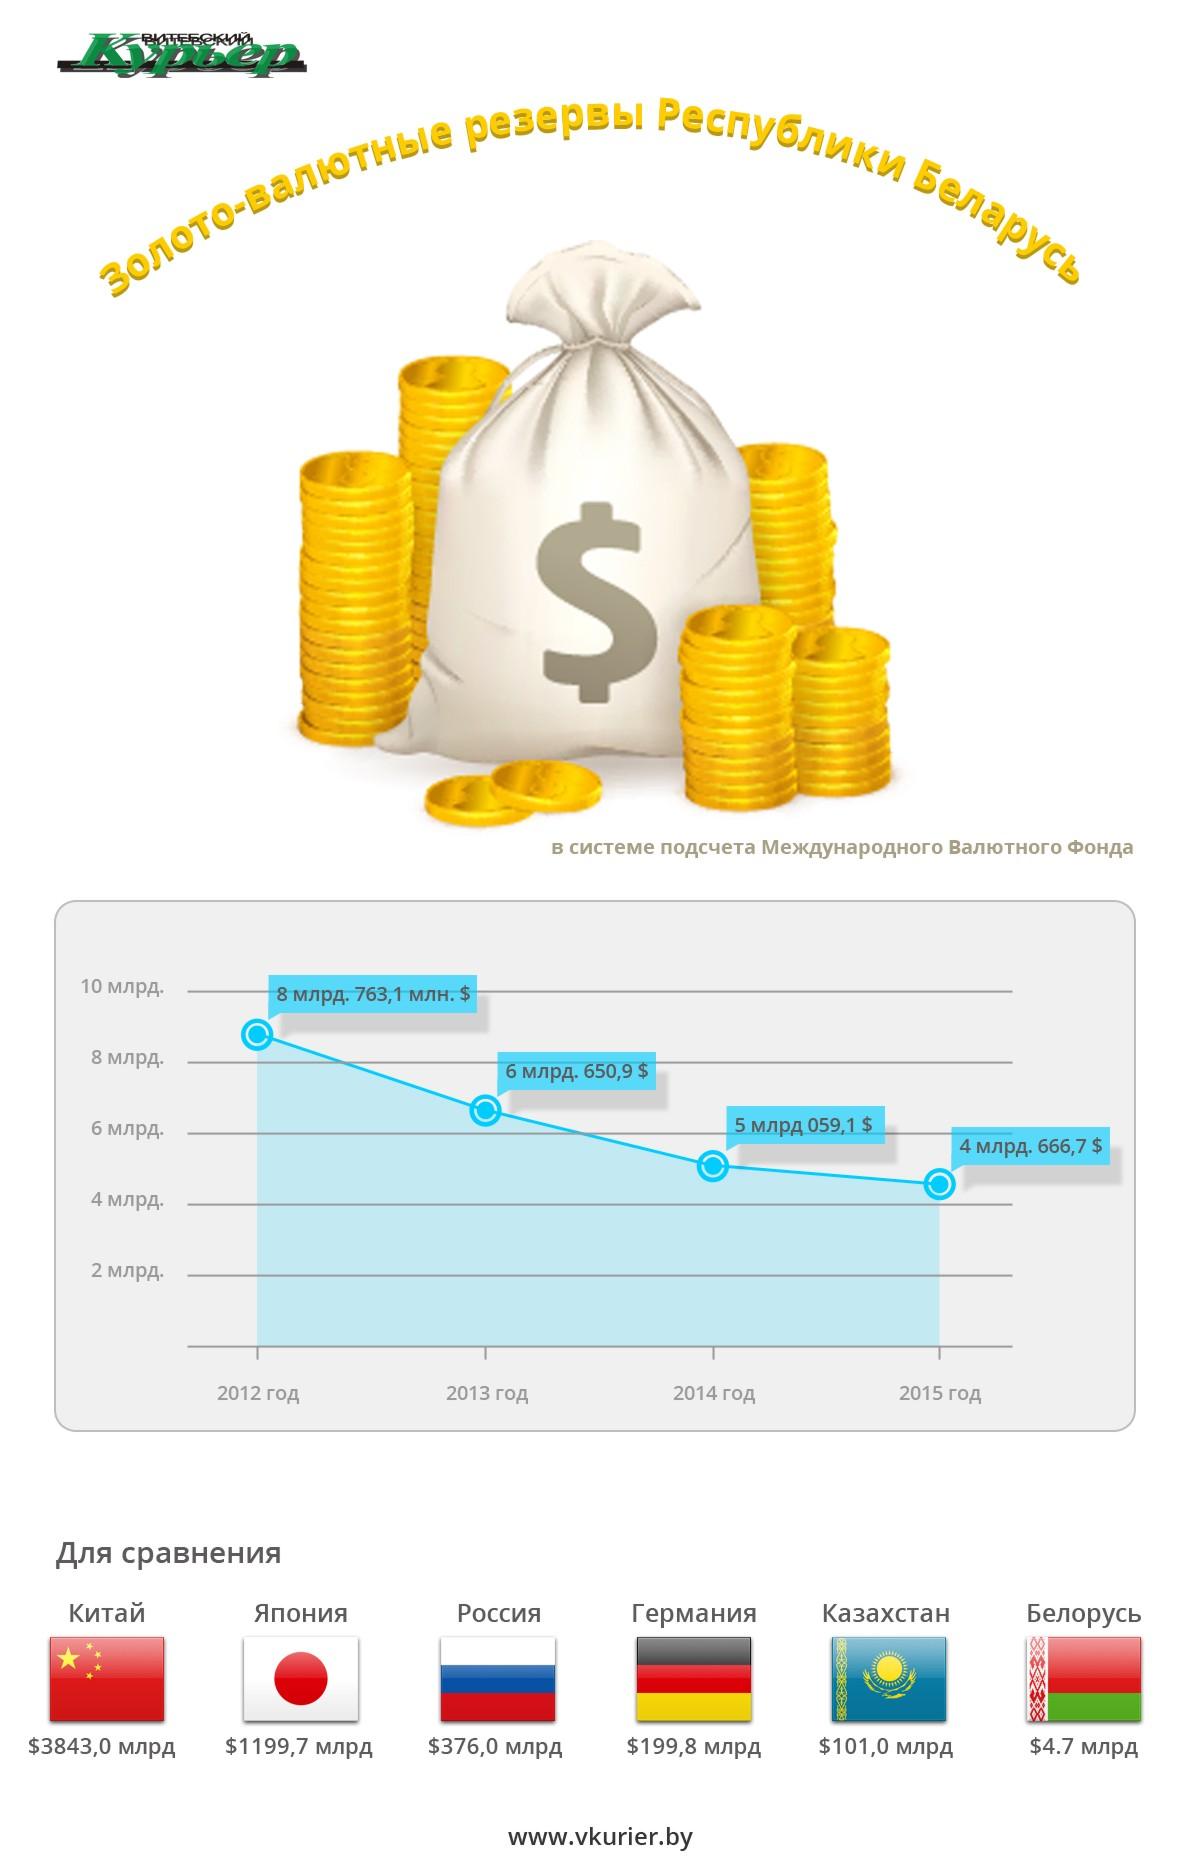 Финансы - Золотовалютные резервы Беларуси